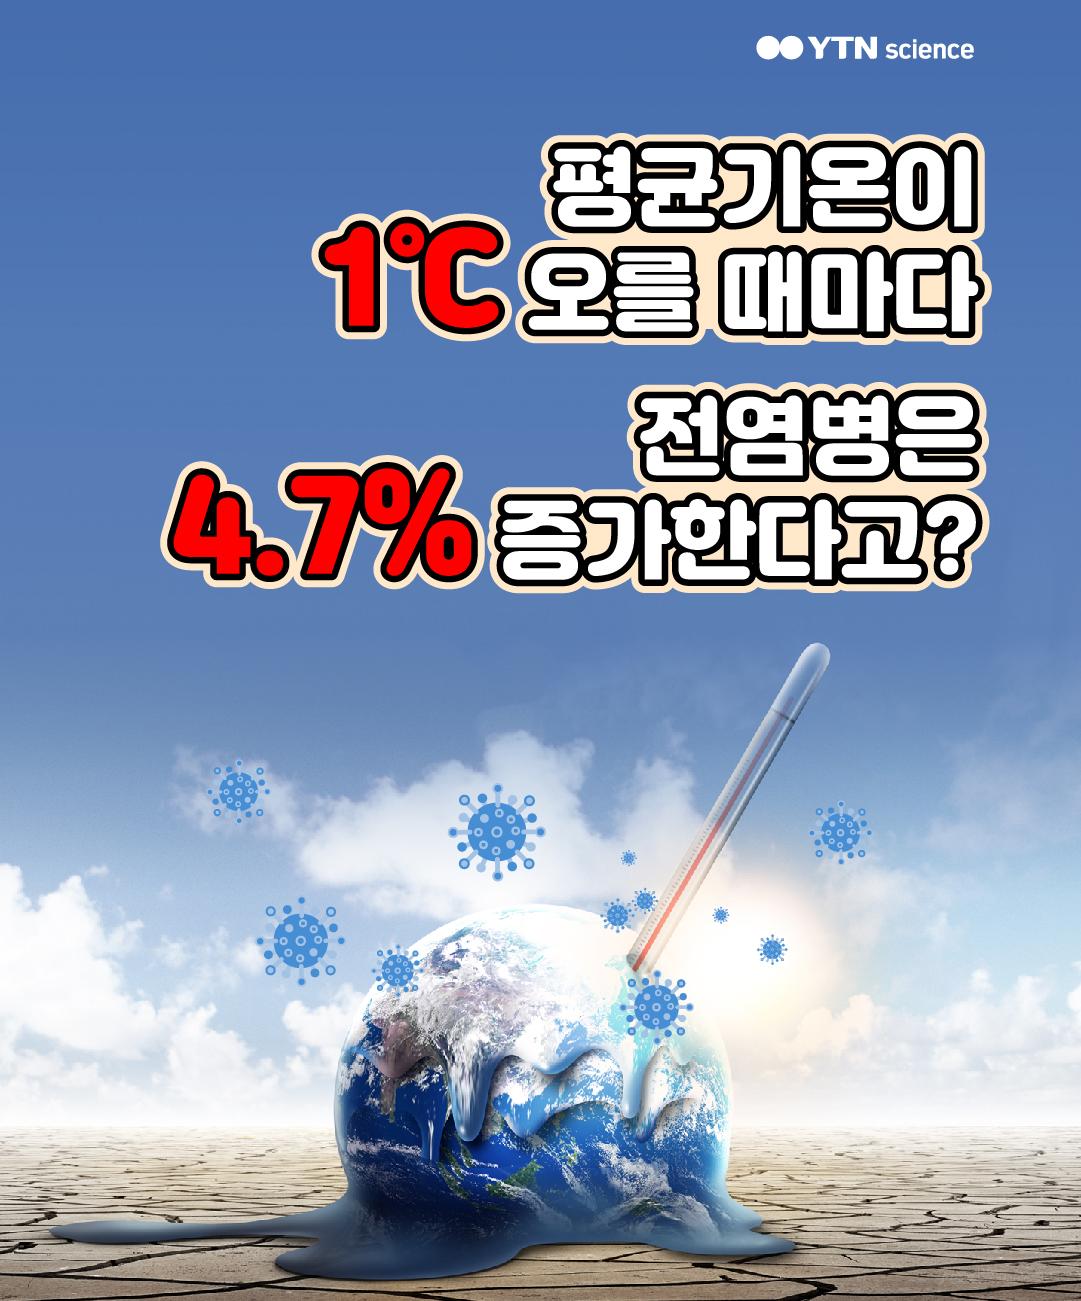 평균기온이 1℃ 오를 때마다 전염병은 4.7% 증가한다고? 이미지